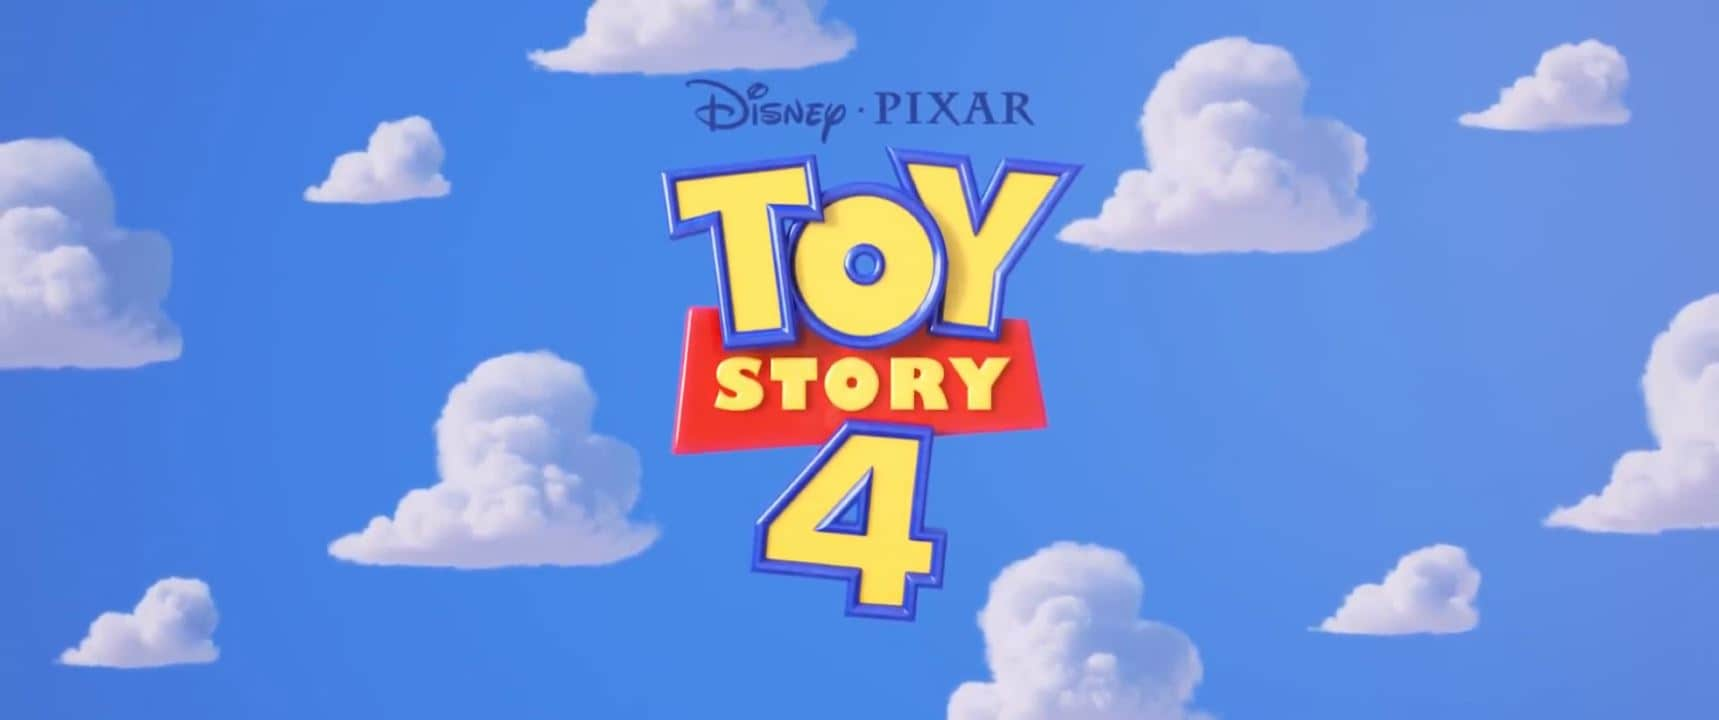 toy-story-4_1542092705160.jpg